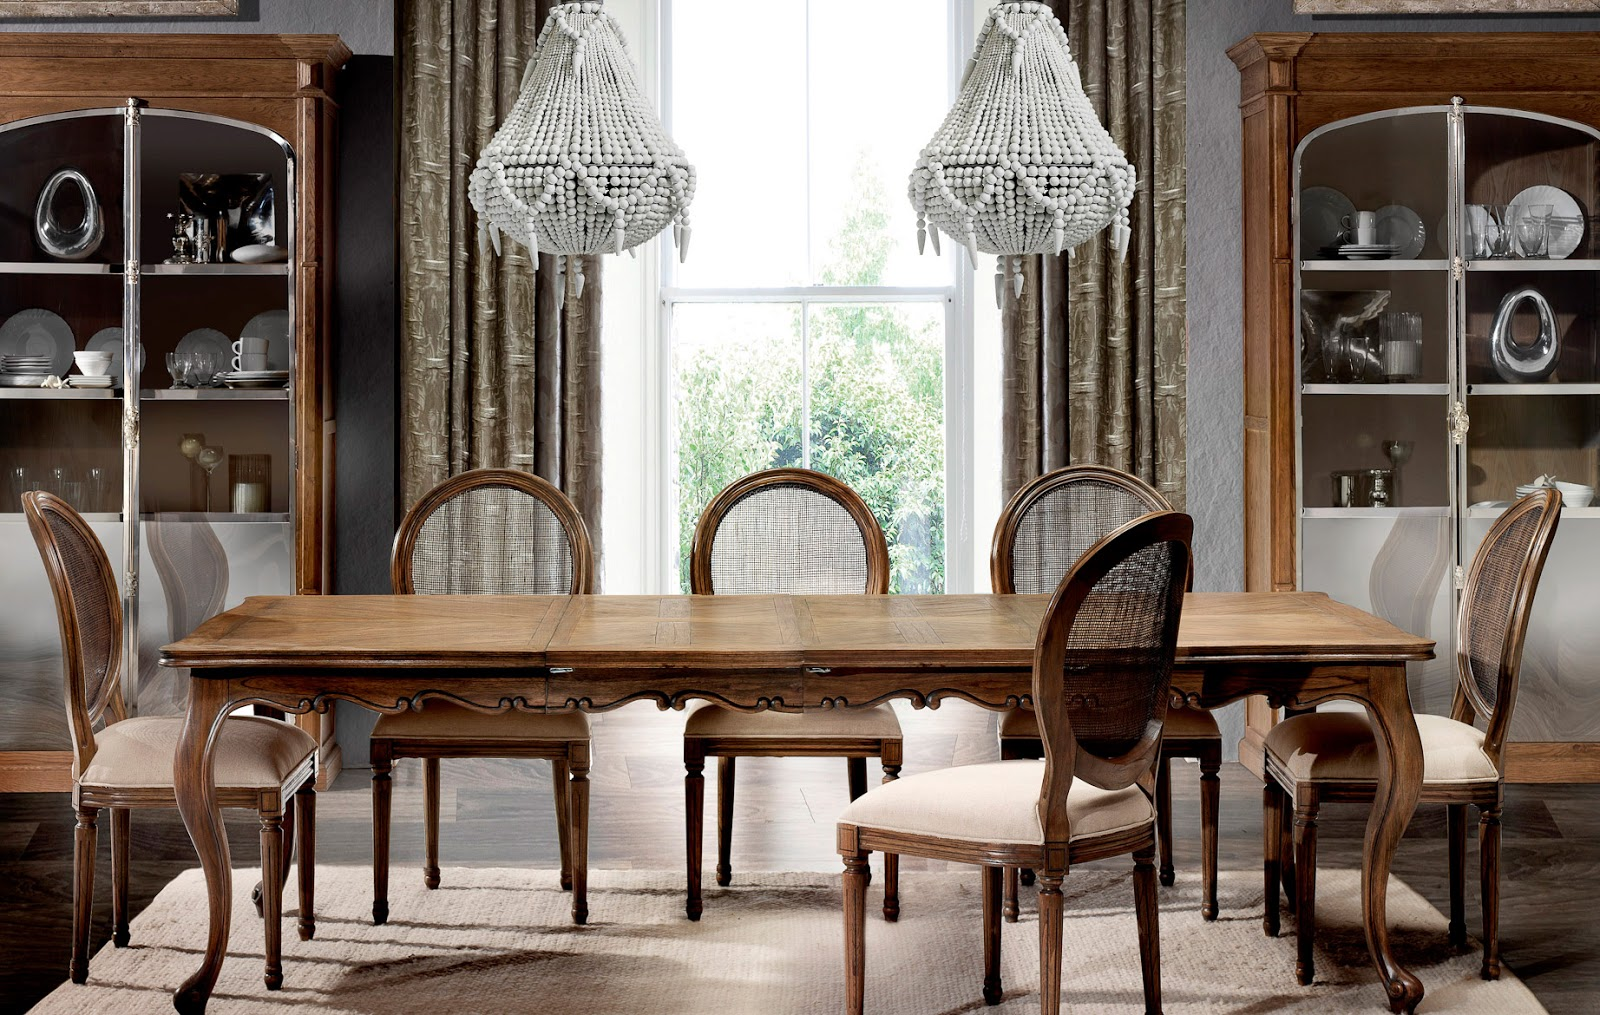 Muebles de comedor comedores clasicos ejemplo de elegancia for Muebles para comedor